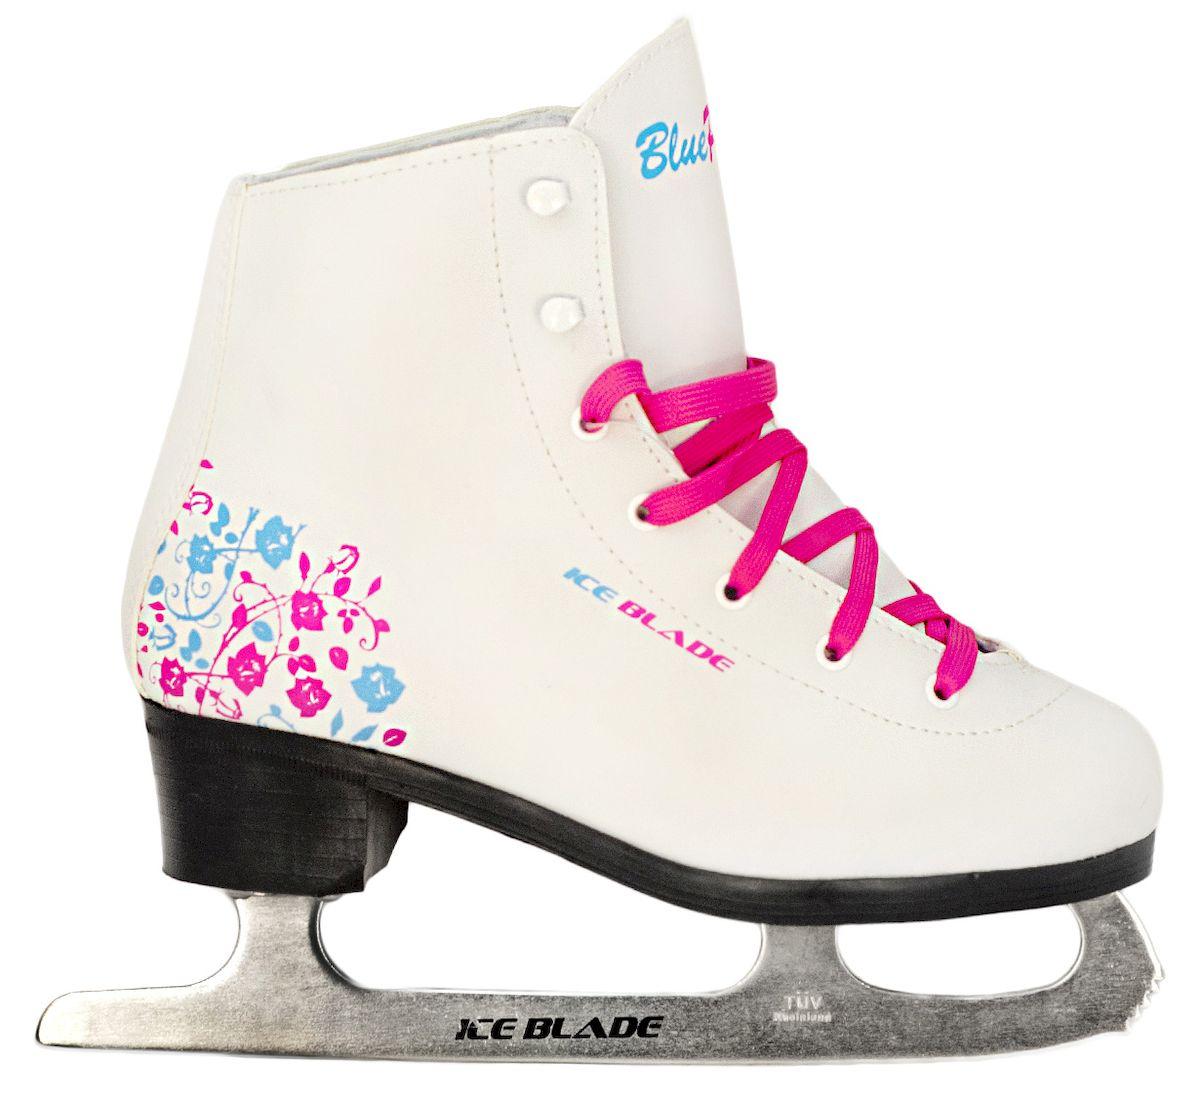 Коньки фигурные Ice Blade BluePink, цвет: белый, розовый, голубой. УТ-00006869. Размер 32PW-221Коньки фигурные Ice Blade BluePink предназначены для любительского фигурного катания. Яркий и нестандартный дизайн модели BluePink совмещает голубой и розовый цвет. Более того, в комплекте помимо розовых шнурков идет пара голубых, пусть каждая любительница катания на коньках выберет для себя, какой цвет ей больше по душе.Ботинок анатомической конструкции выполнен из высококачественной искусственной кожи, покрытой полиуретаном, защищающим от влаги. Внутренняя набивка из специального материала, комфортно адаптирующегося к форме ноги. Внутренняя отделка из мягкого вельвета.Лезвия изготовлены из высокоуглеродистой стали, сертифицированной TUV Rheiland. Коньки поставляются с заводской заточкой лезвия, что позволяет сразу приступить к катанию, не тратя время и денег на заточку. Коньки подходят для использования на открытом и закрытом льду.